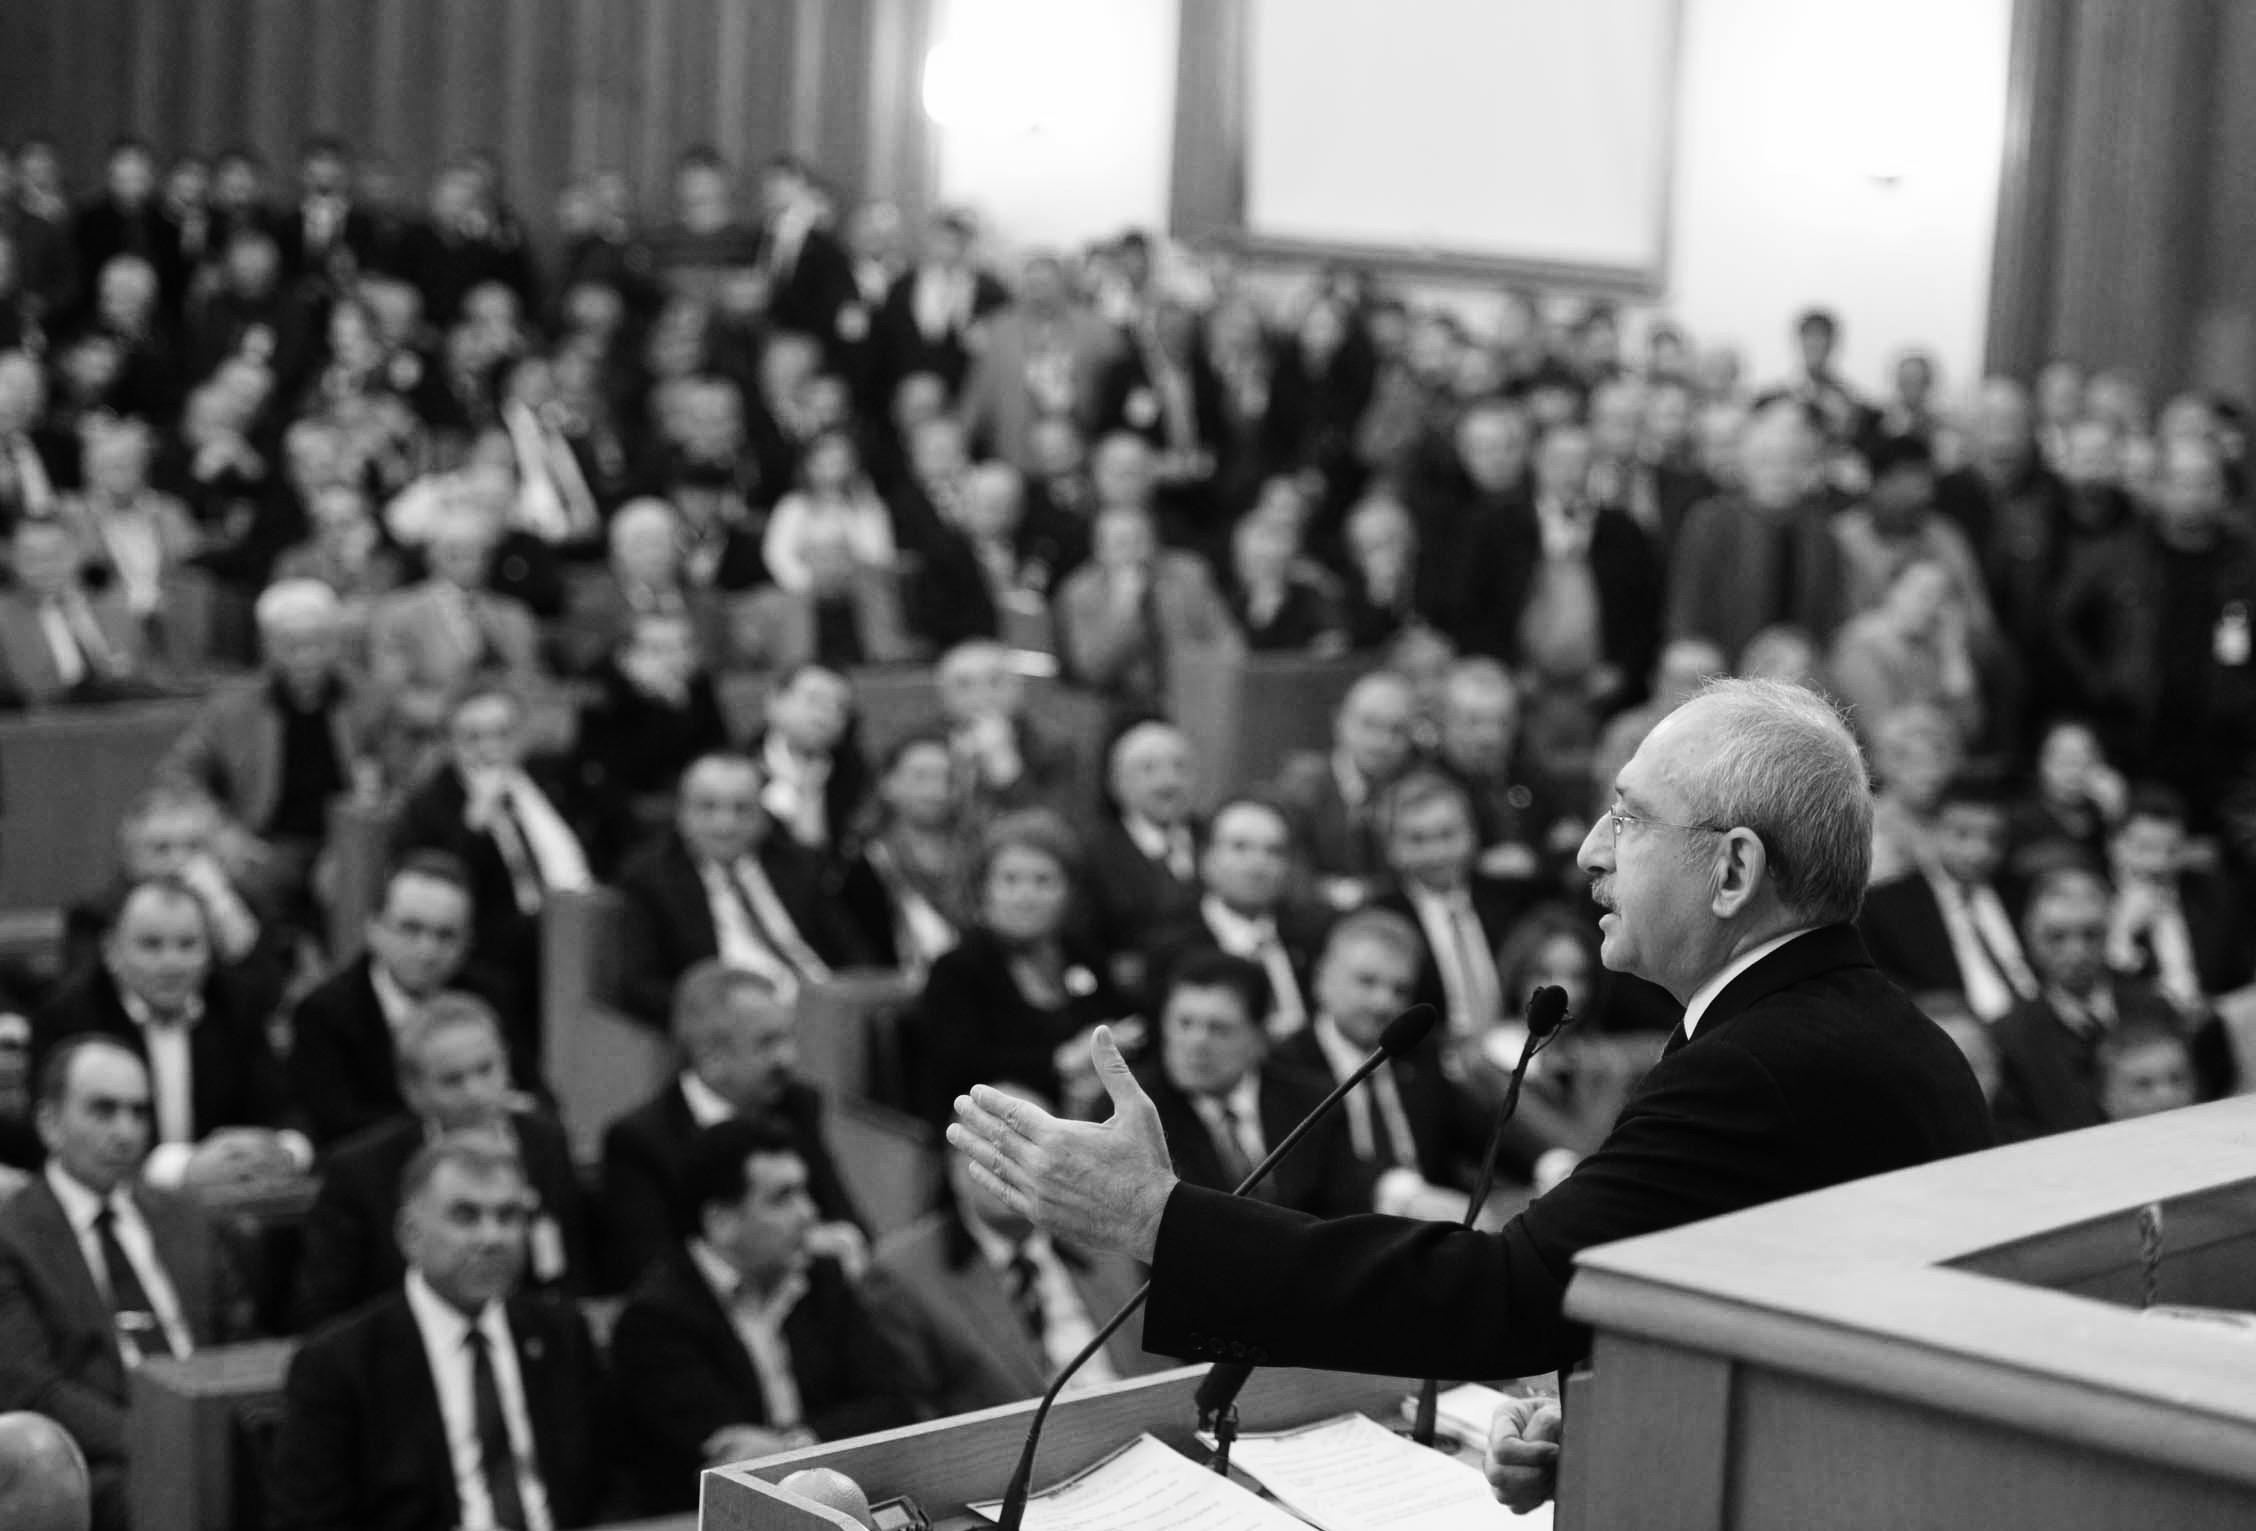 CHP Erken Seçimde Ne Söylemeli, Kim Söylemeli?